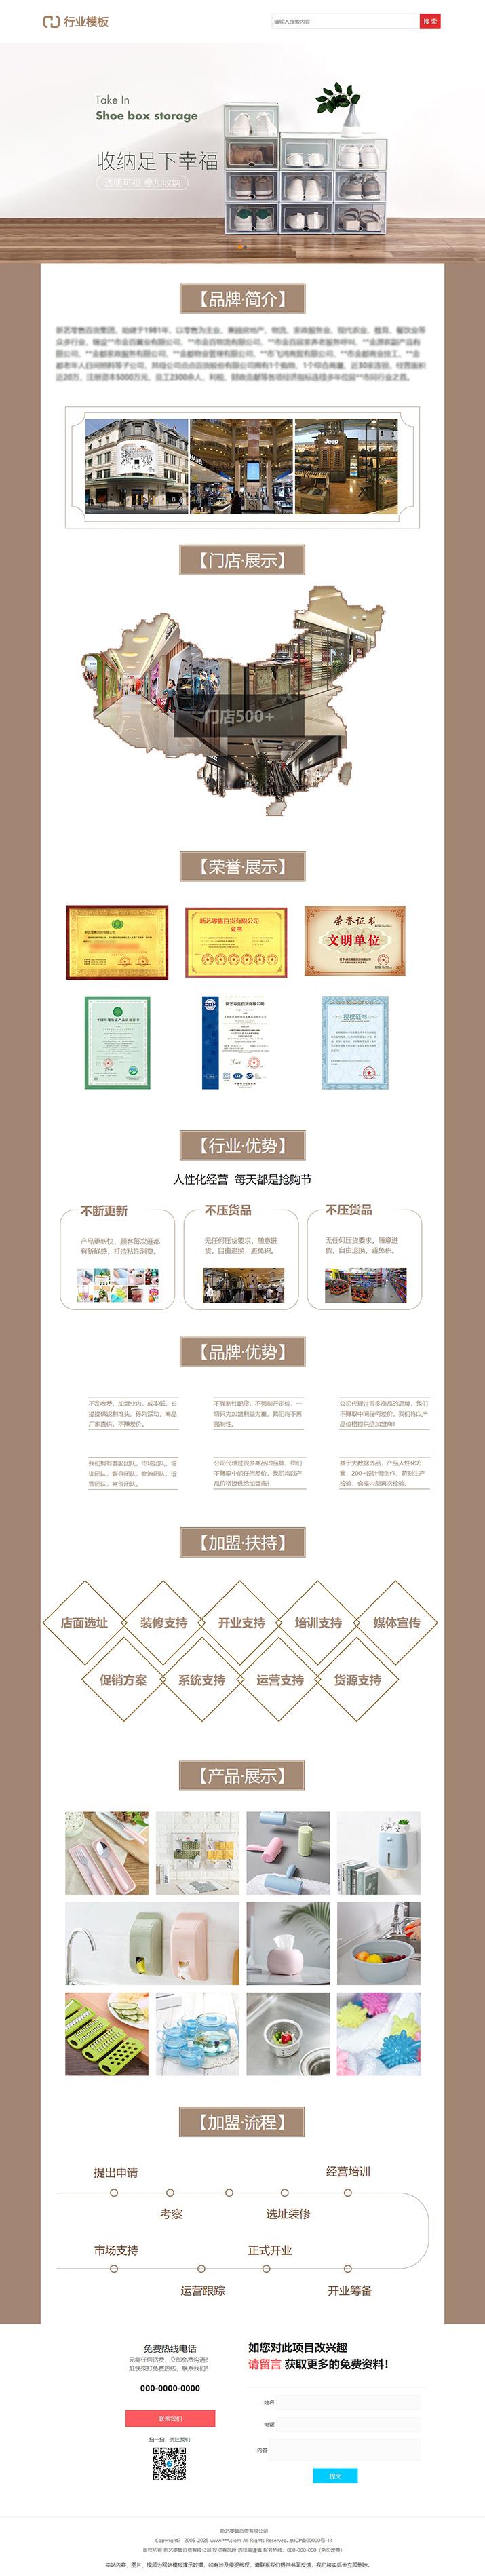 零售百货网站模板